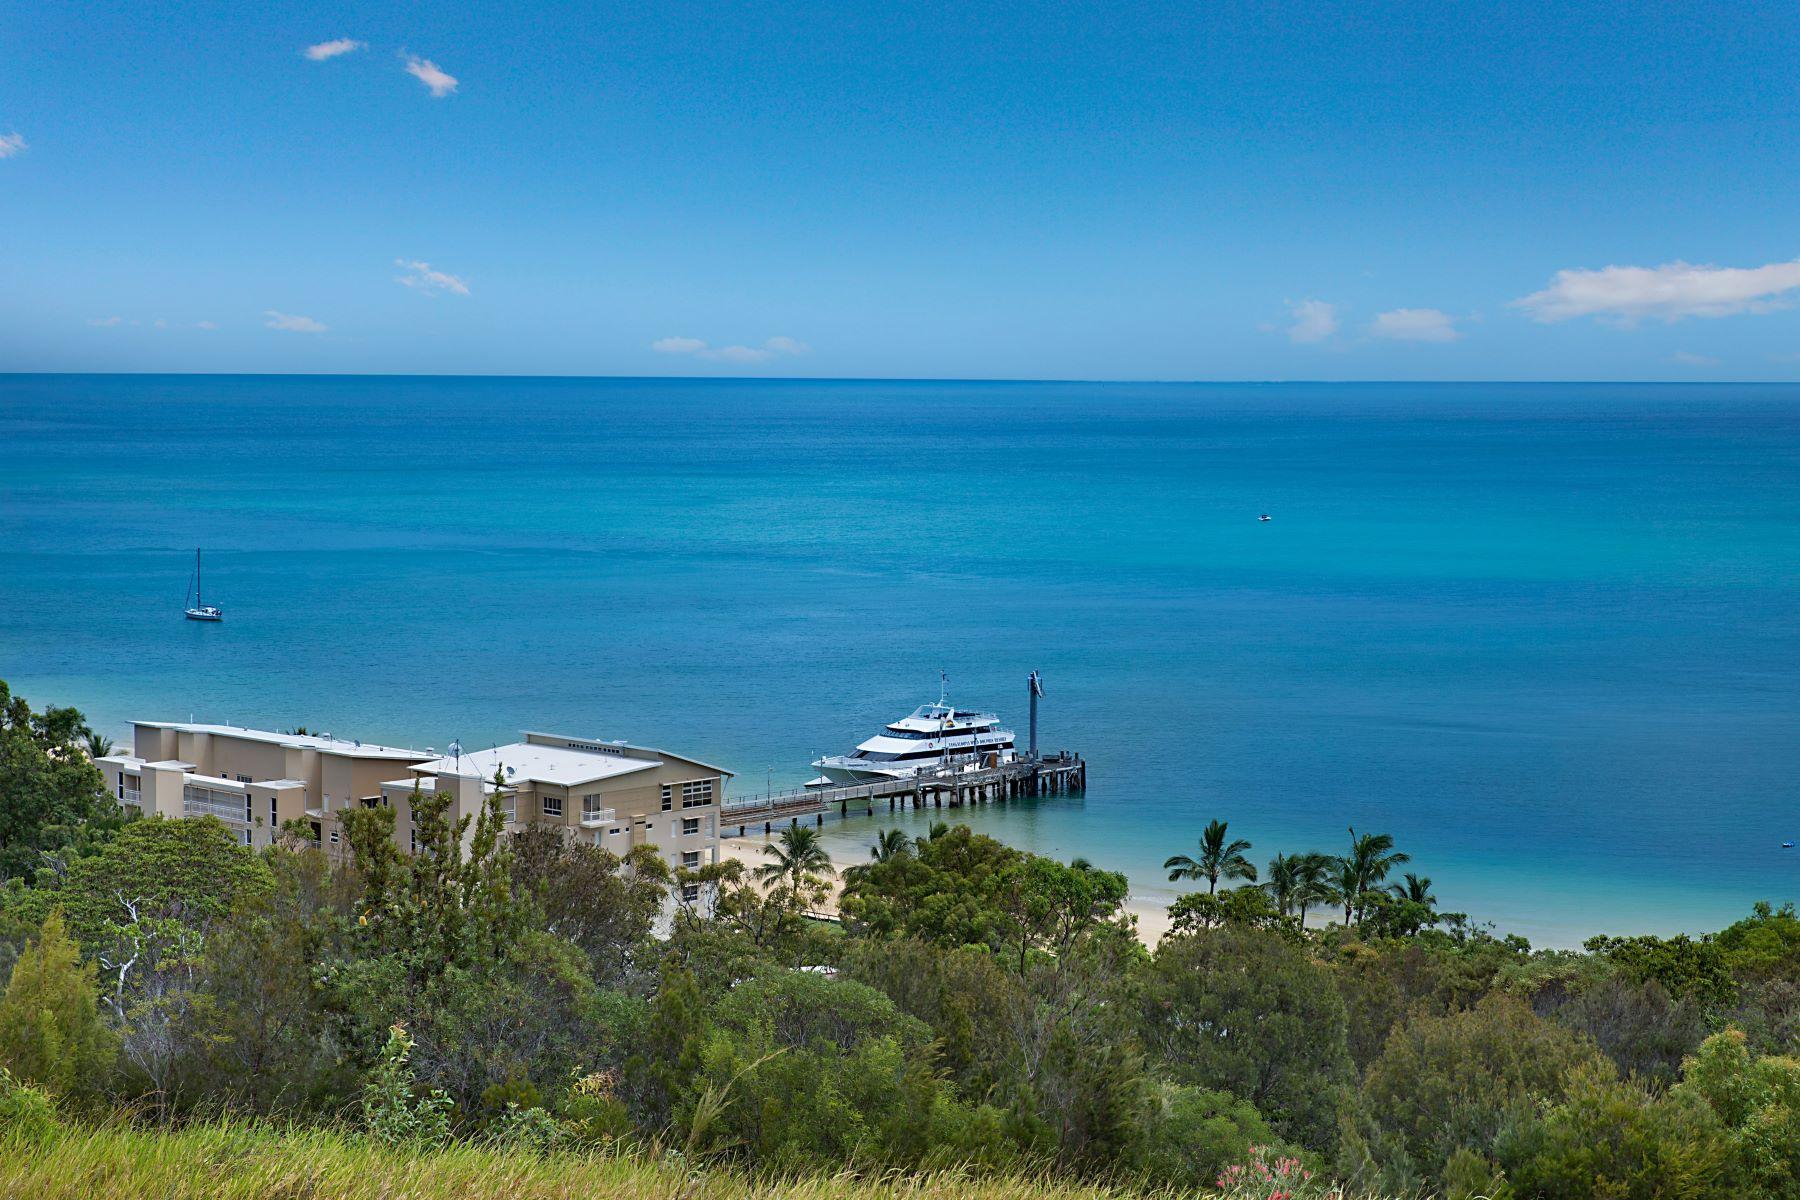 Terreno por un Venta en 6 Cowry Close, Moreton Island, Tangalooma Other Queensland, Queensland, 4025 Australia